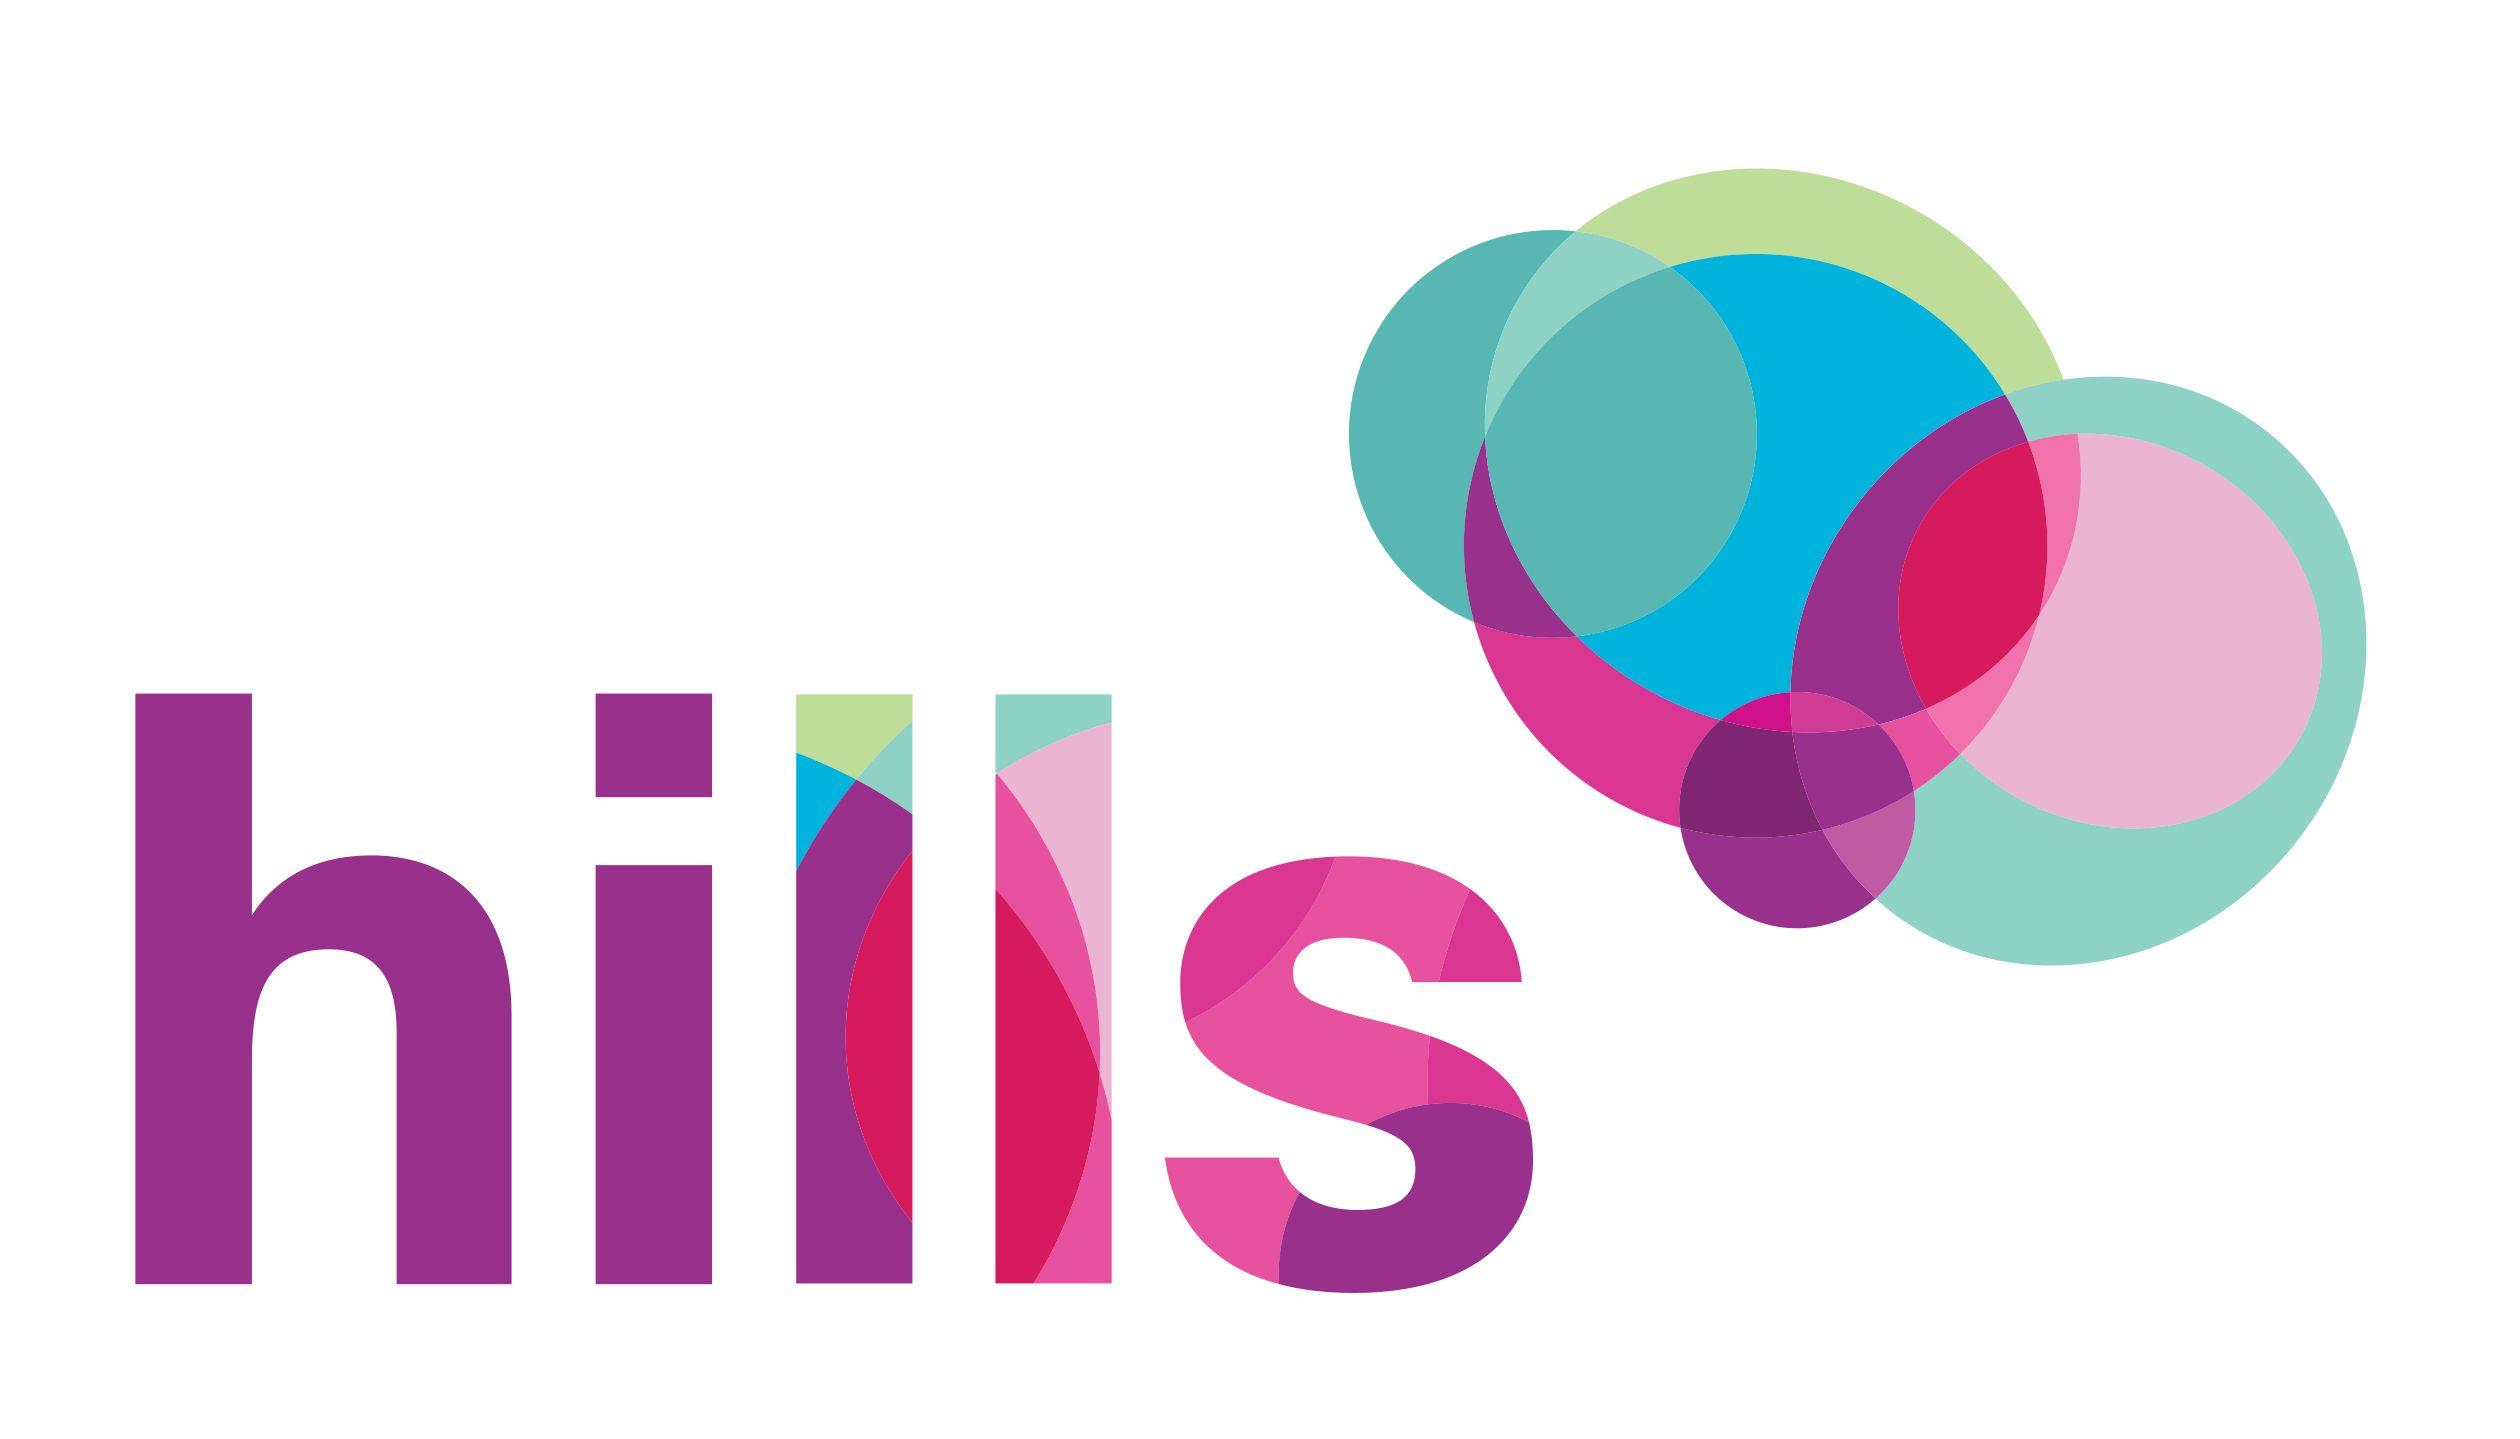 Hill Brothers Ltd - N56